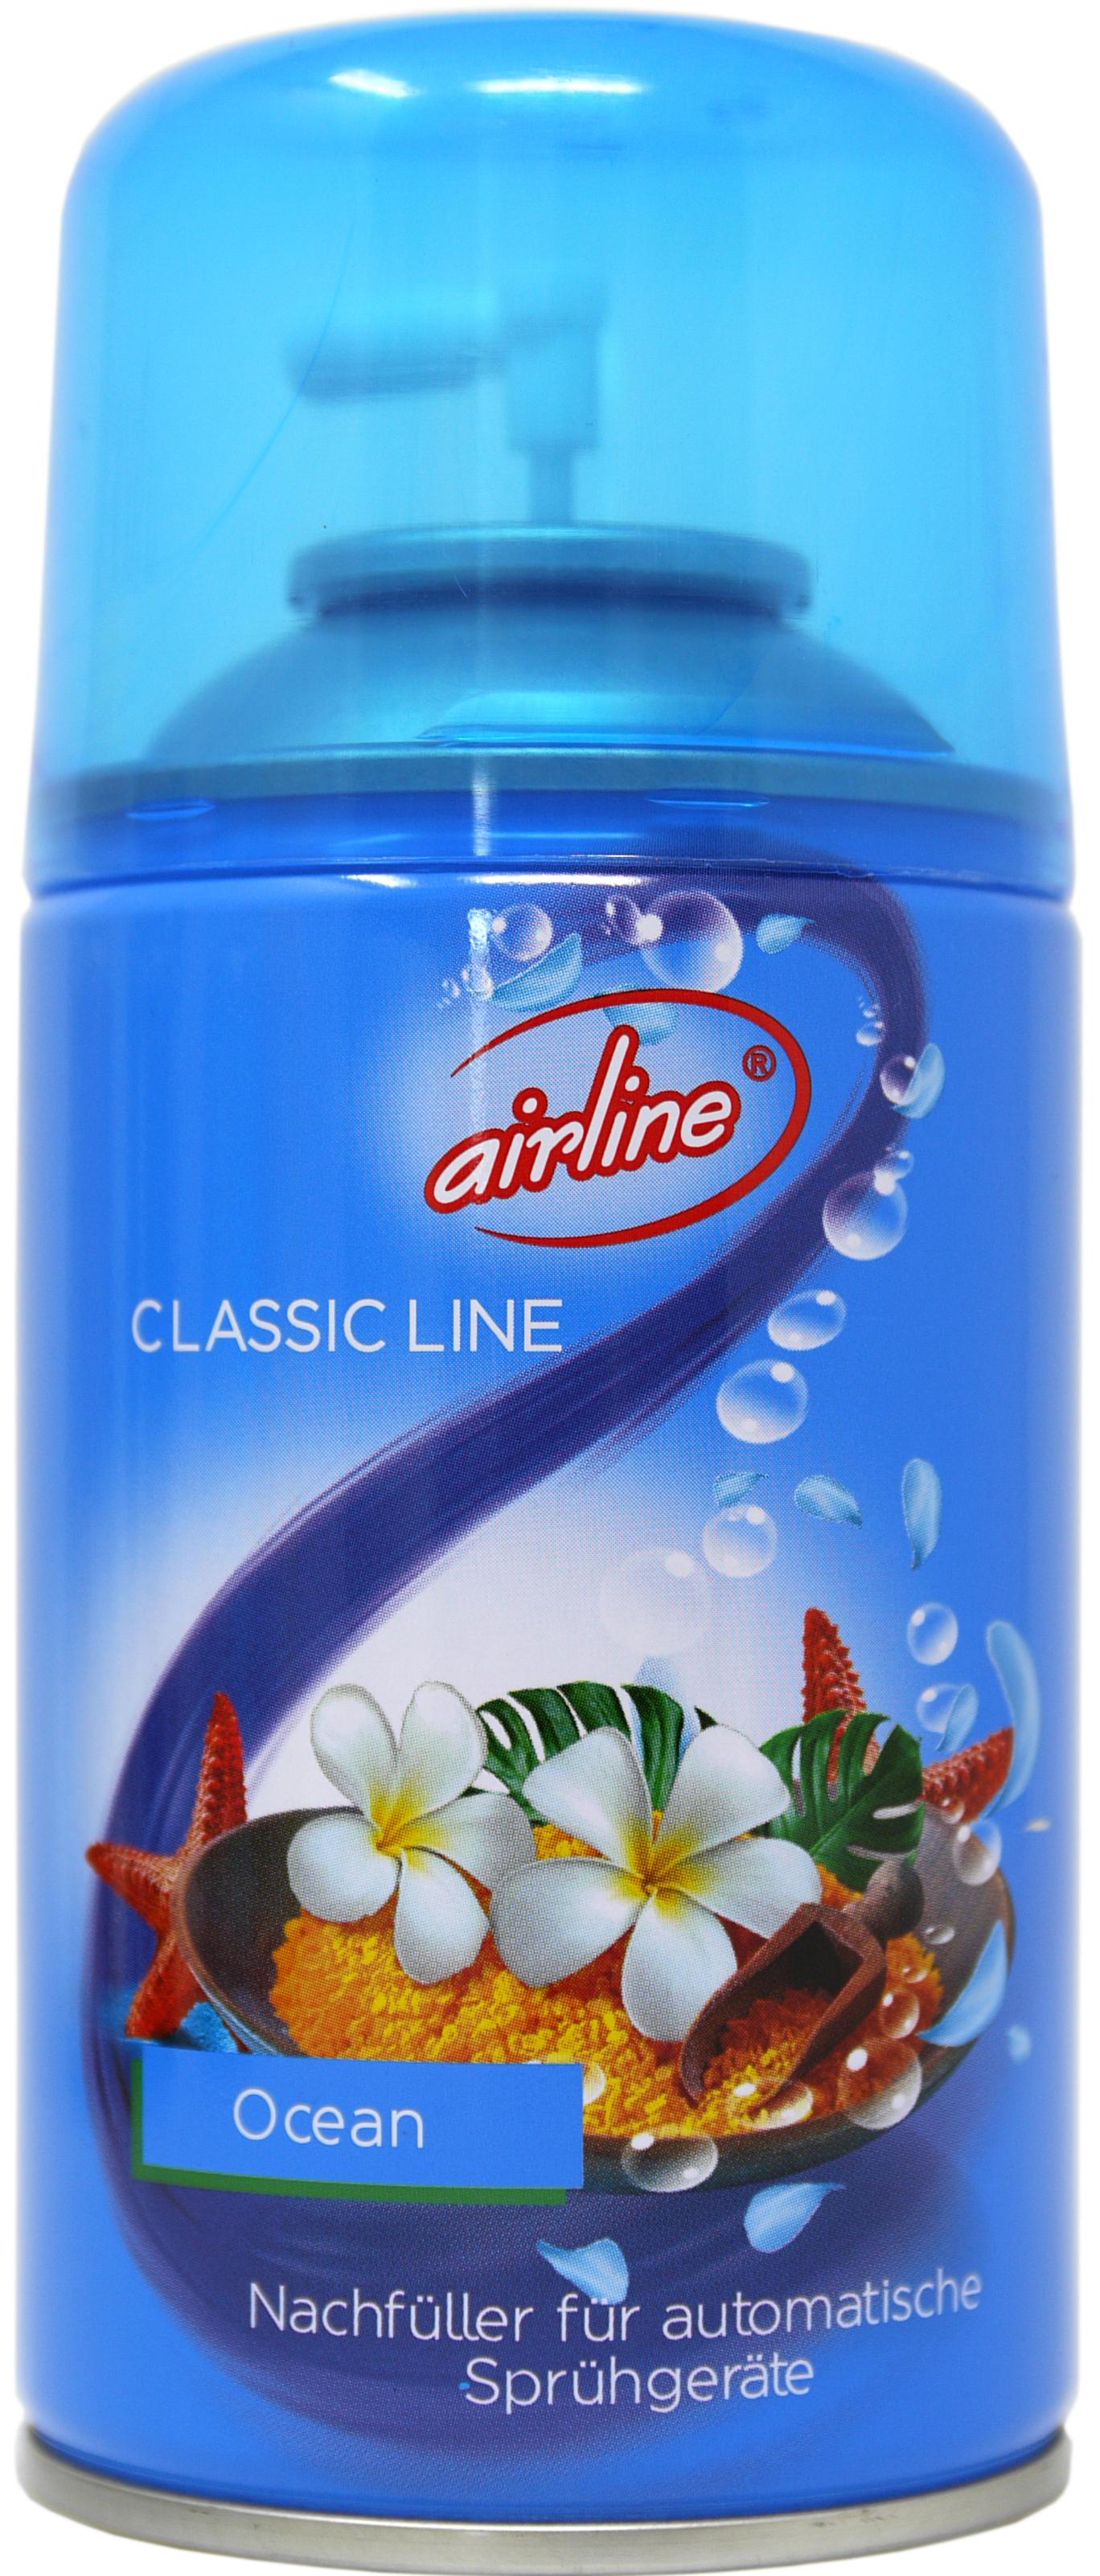 00506 - airline Classic Line Ocean Nachfüllkartusche 250 ml